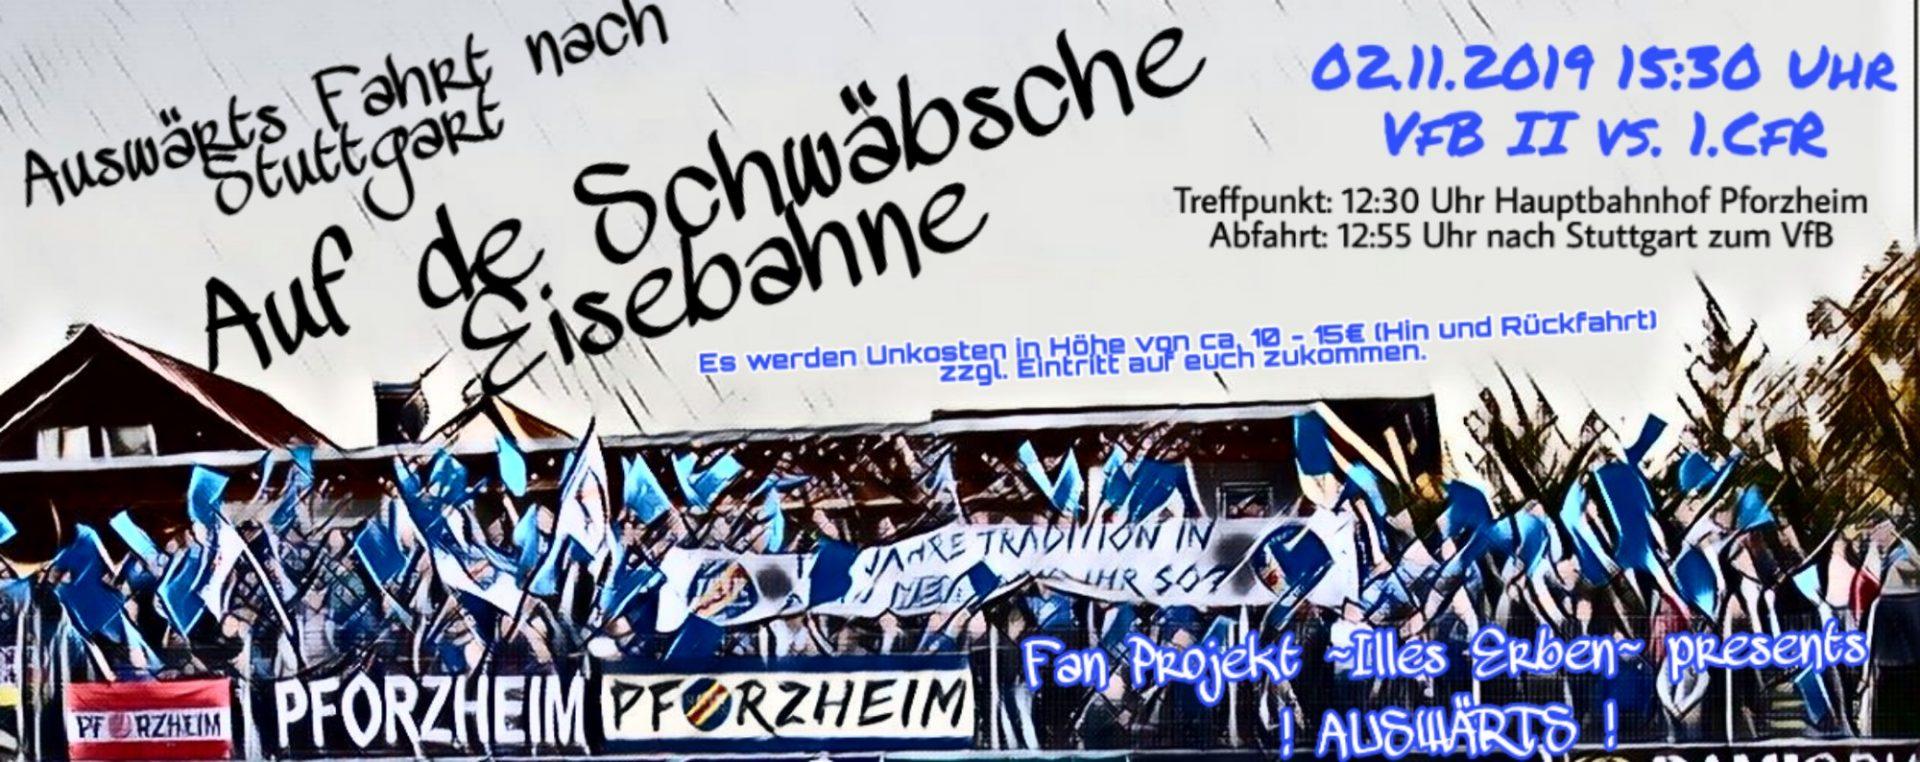 CfR-Fans fahren gemeinsam nach Stuttgart